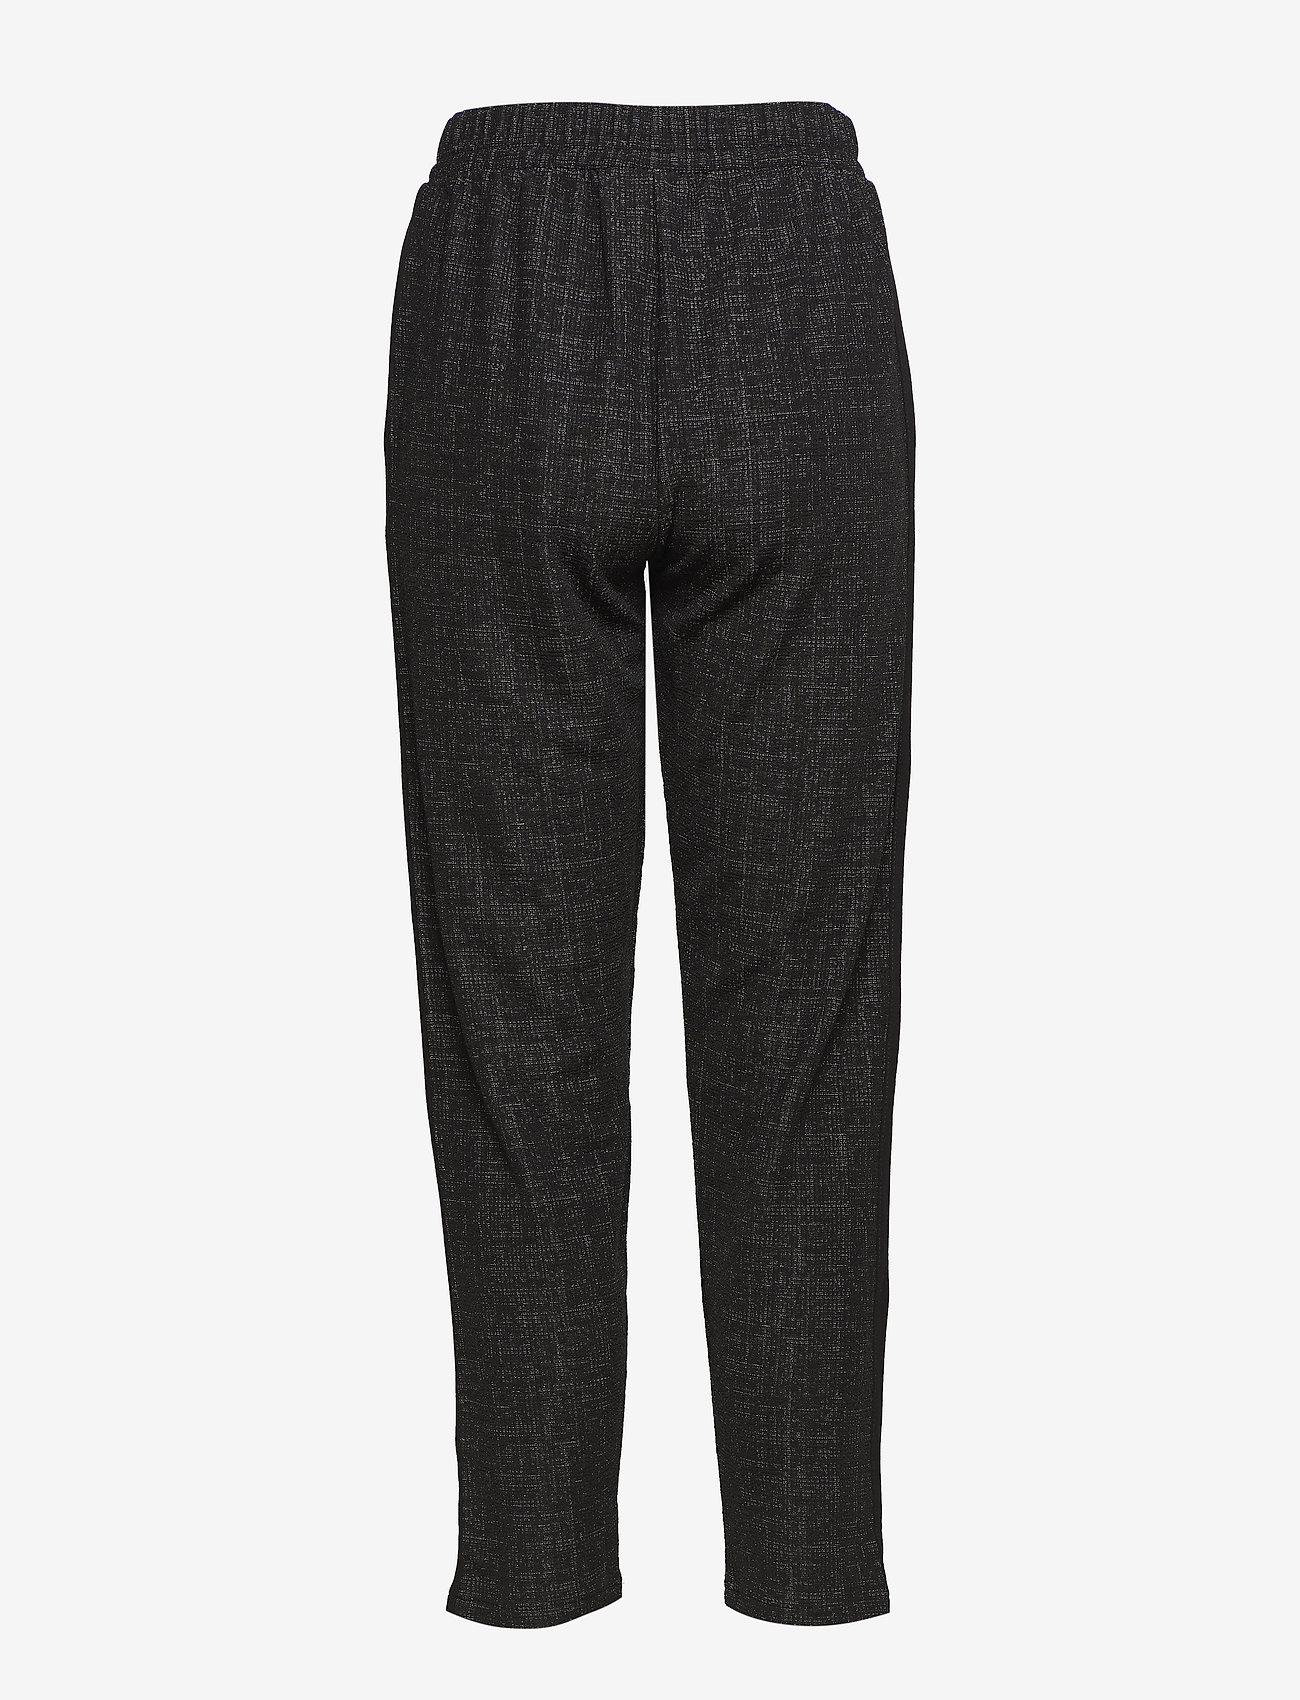 Masai Persia Culotte - Trousers